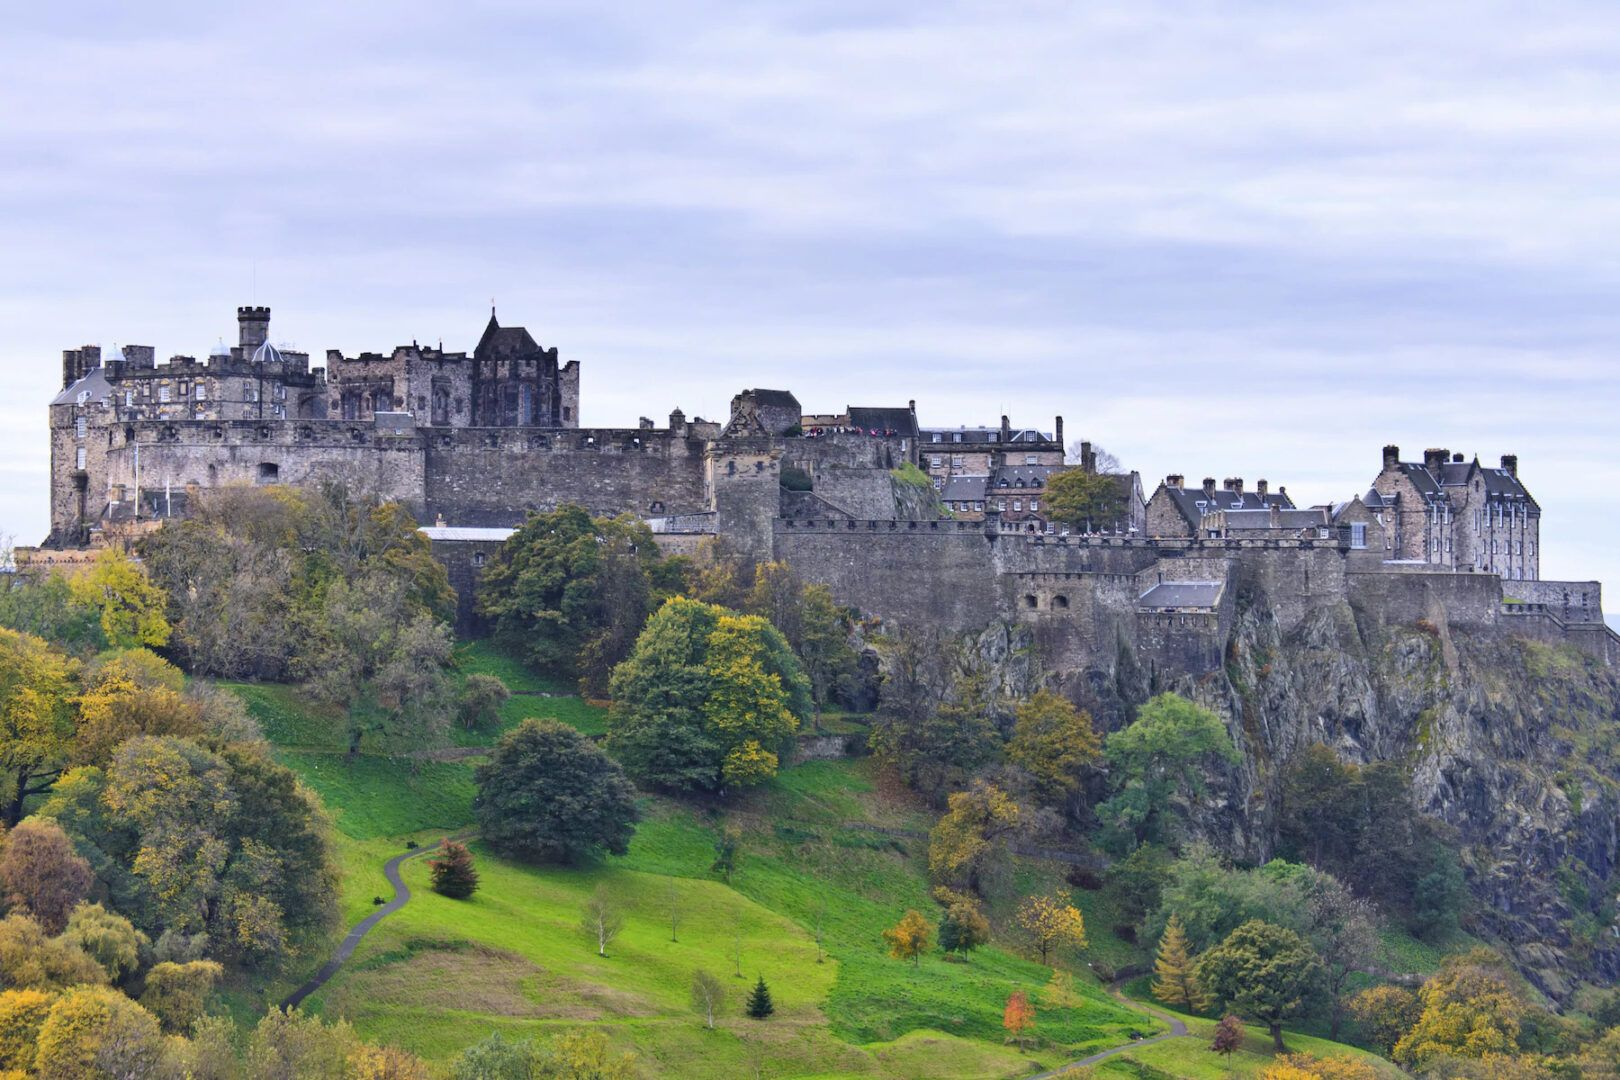 Fotografia de Edimburgo, na Escócia, para ilustração do item